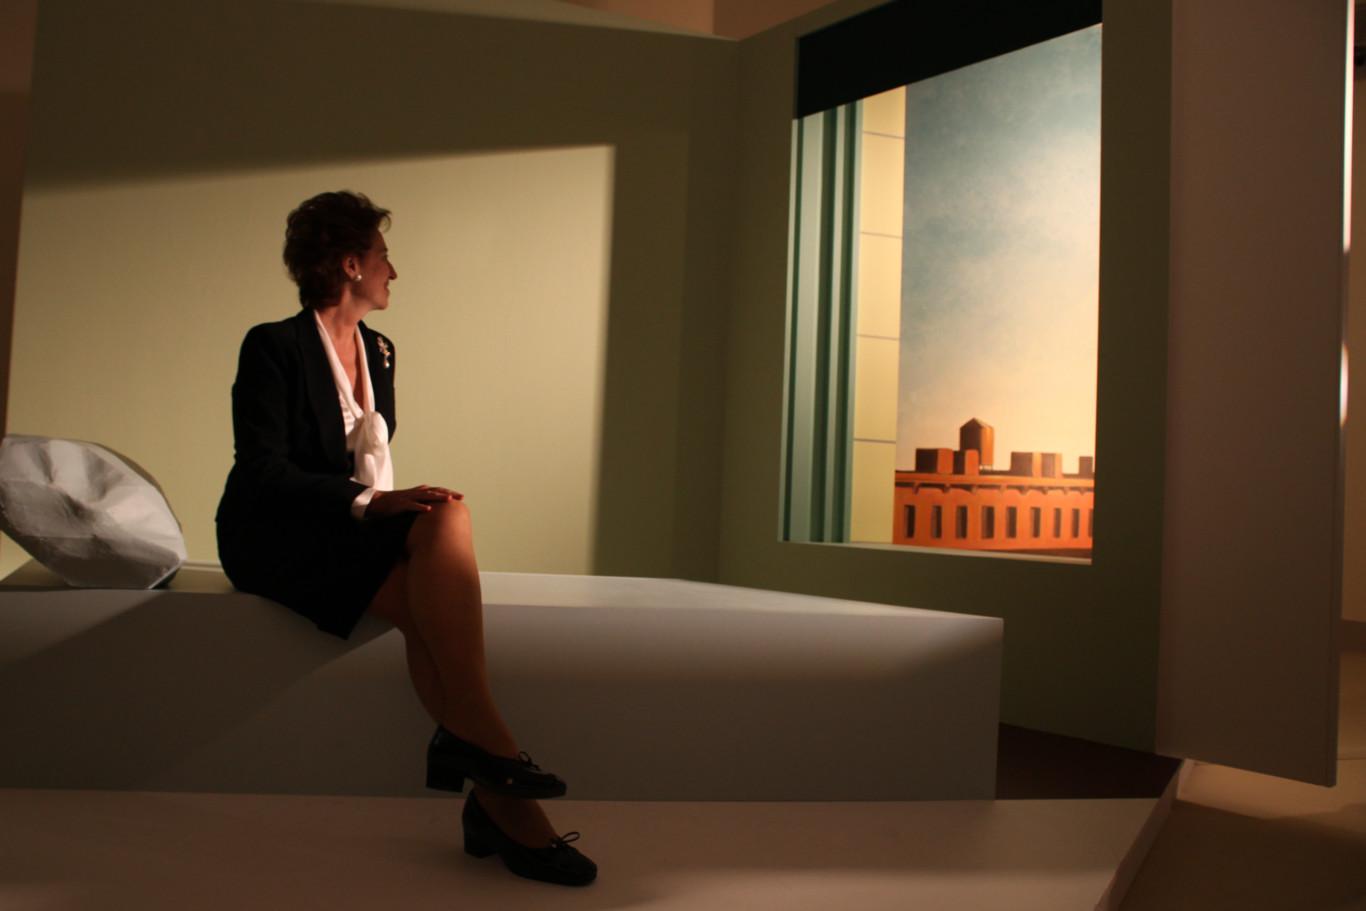 Edward Hopper, Oscars a la mejor fotografía y más